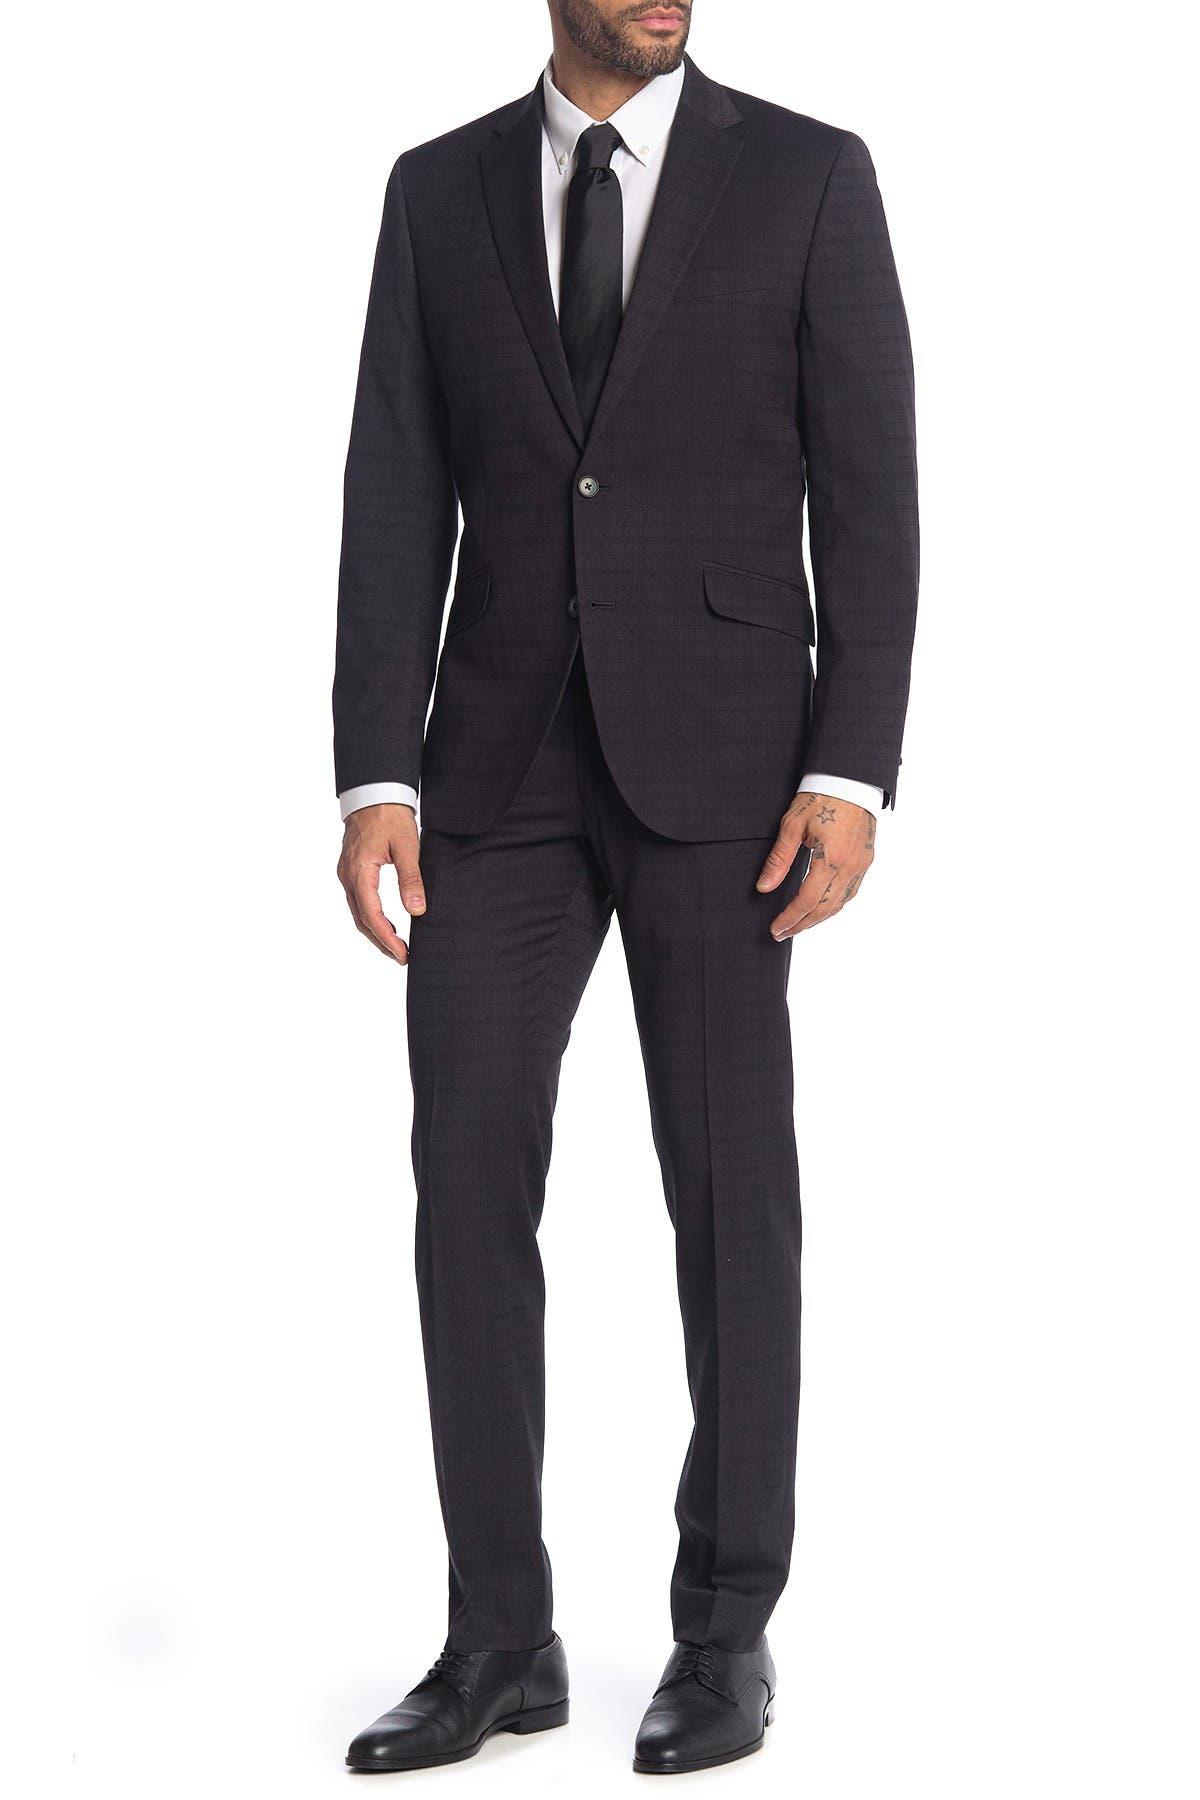 Image of Kenneth Cole Reaction Gray Plaid Print 2-Piece Trim Fit Suit